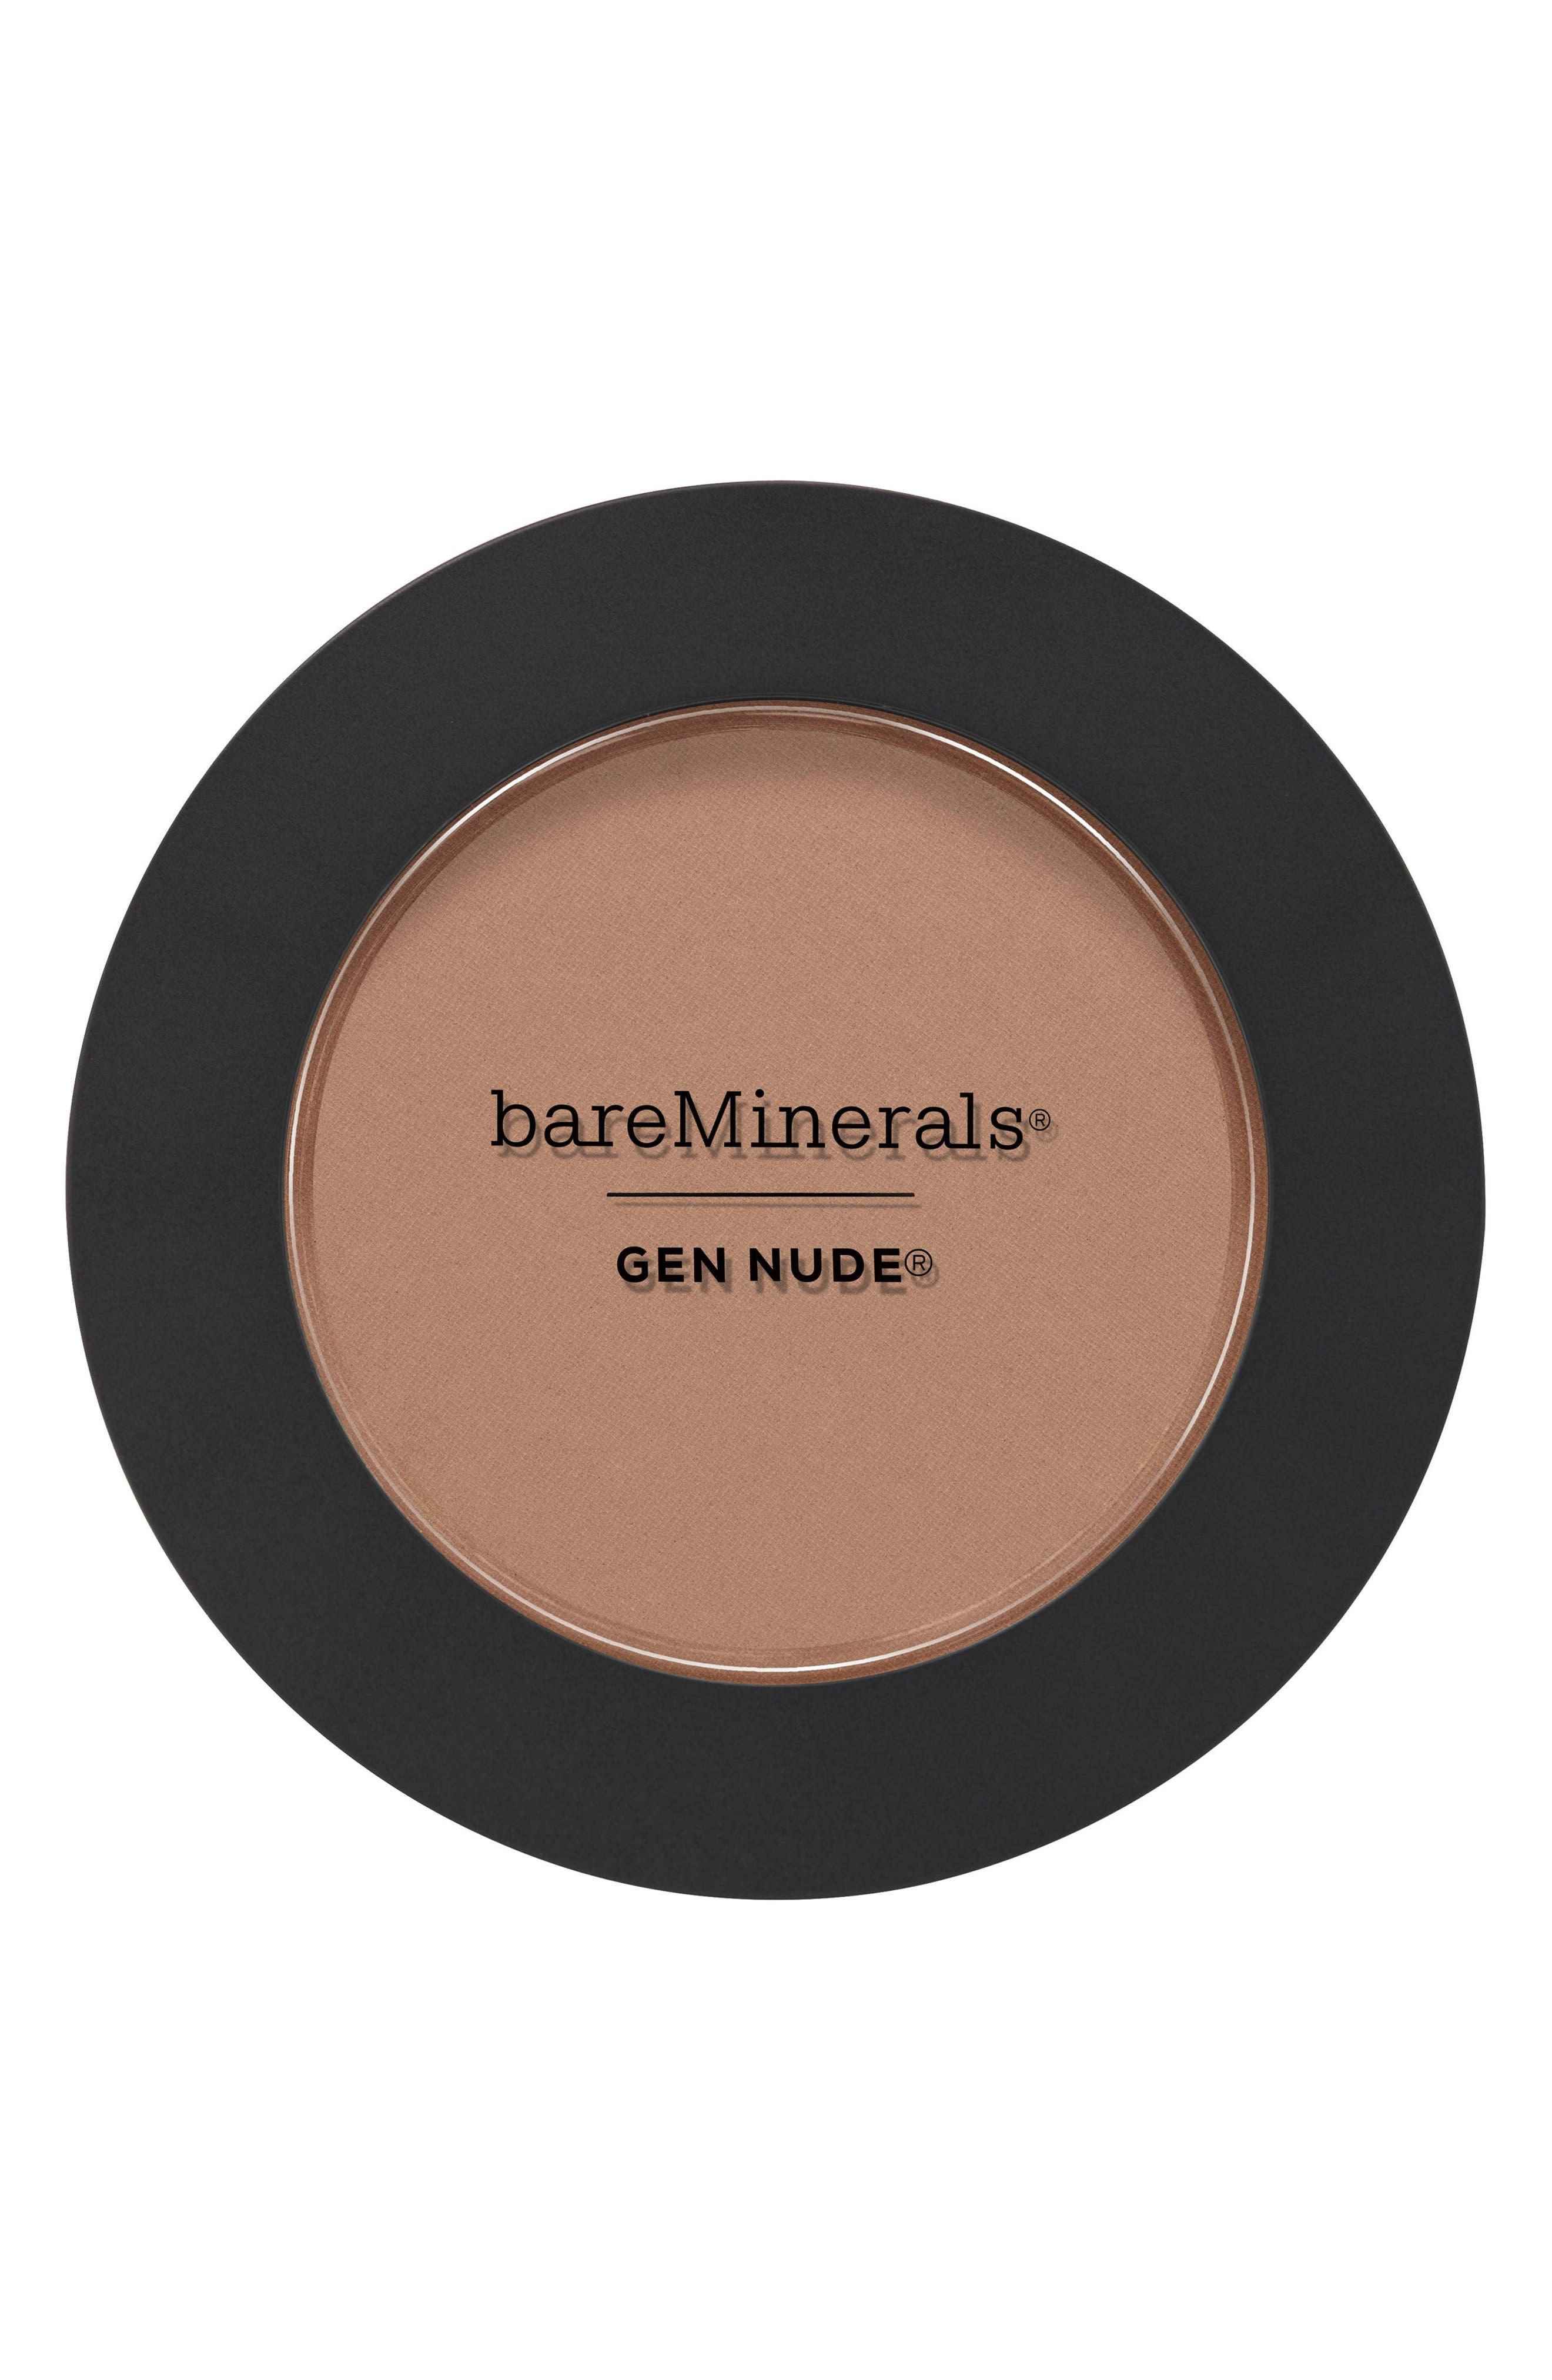 bareMinerals® Gen Nude® Powder Blush